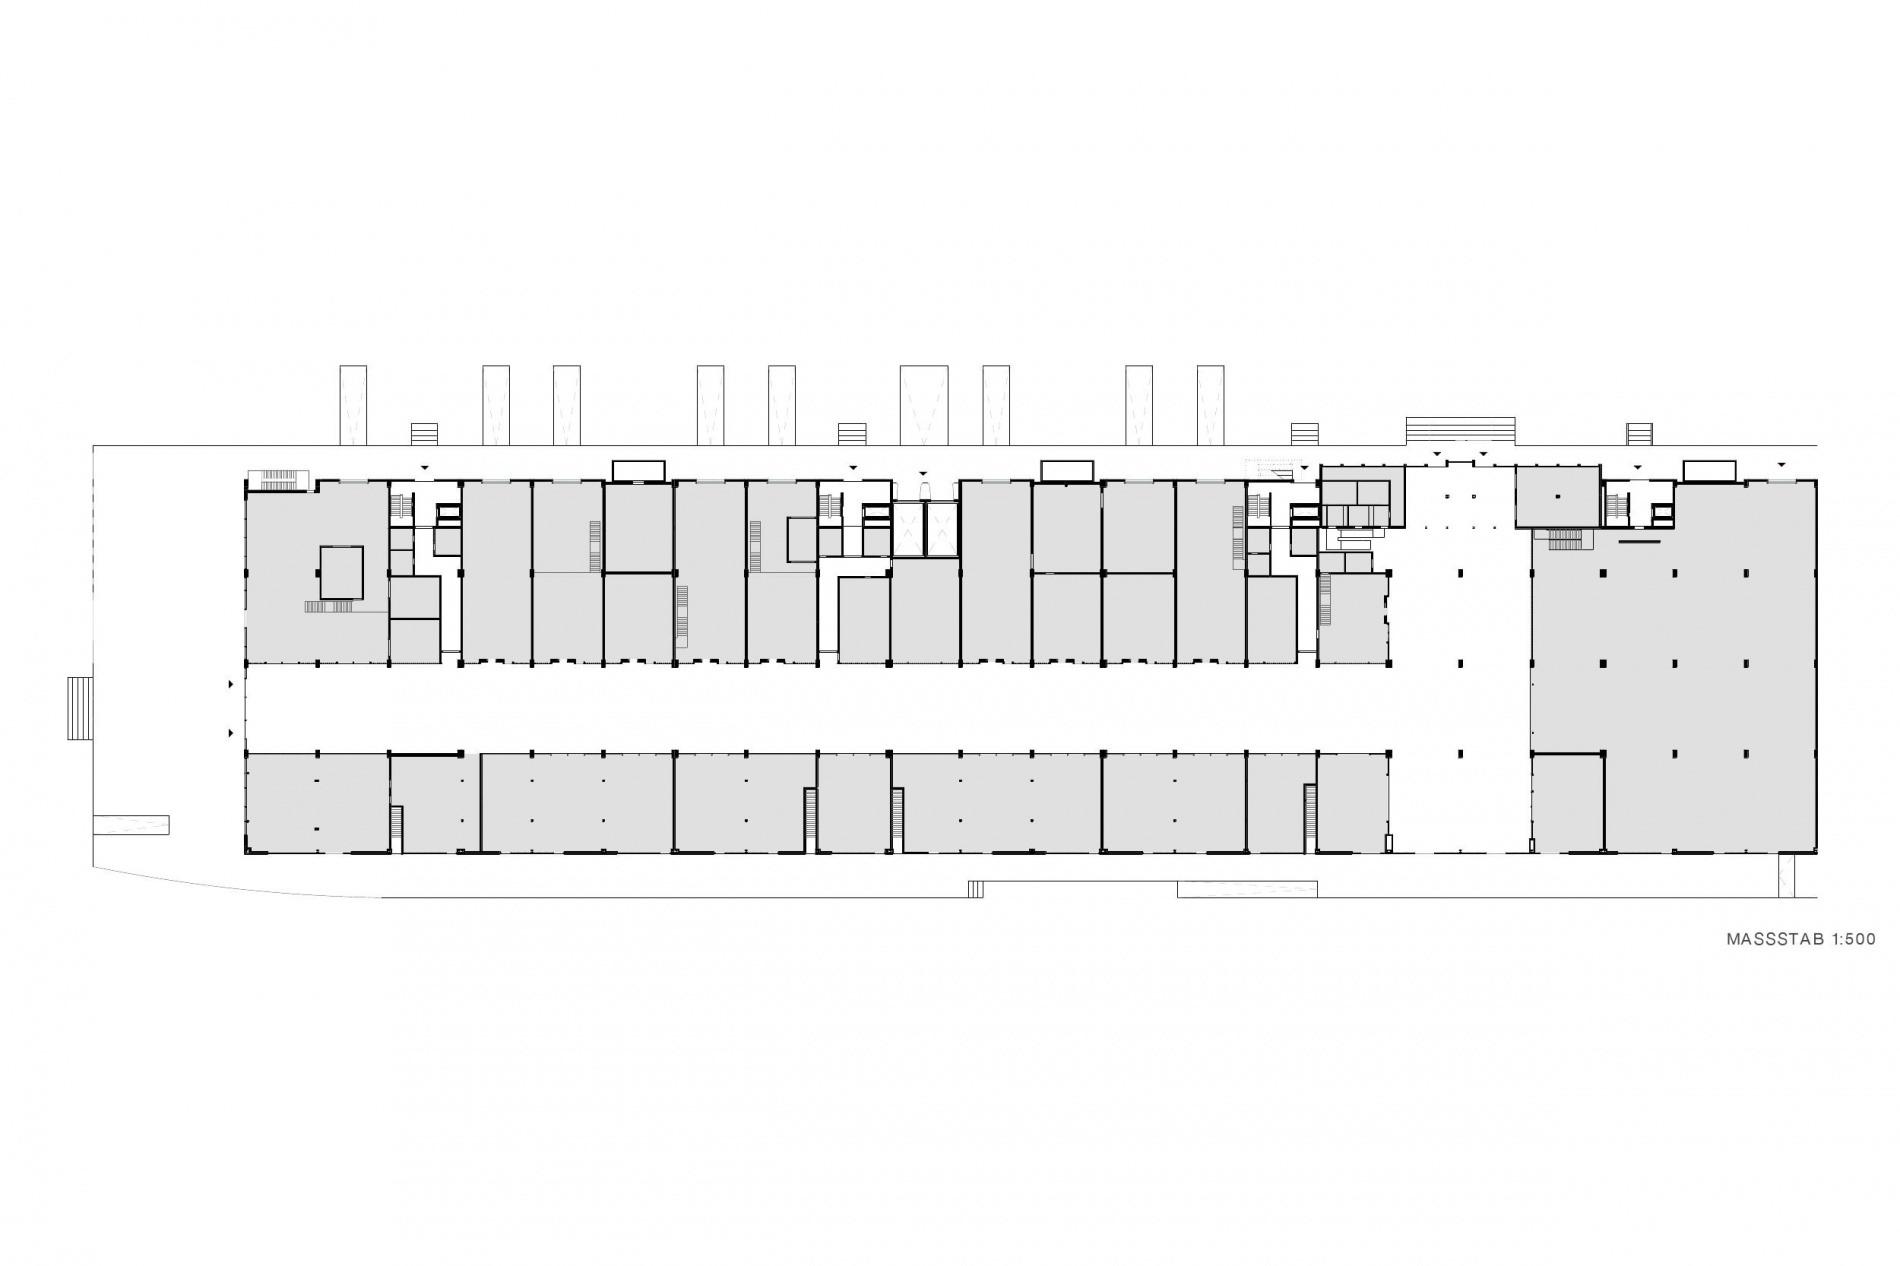 Schuppen Eins 11 Zeichnung Erdgeschoss_000001